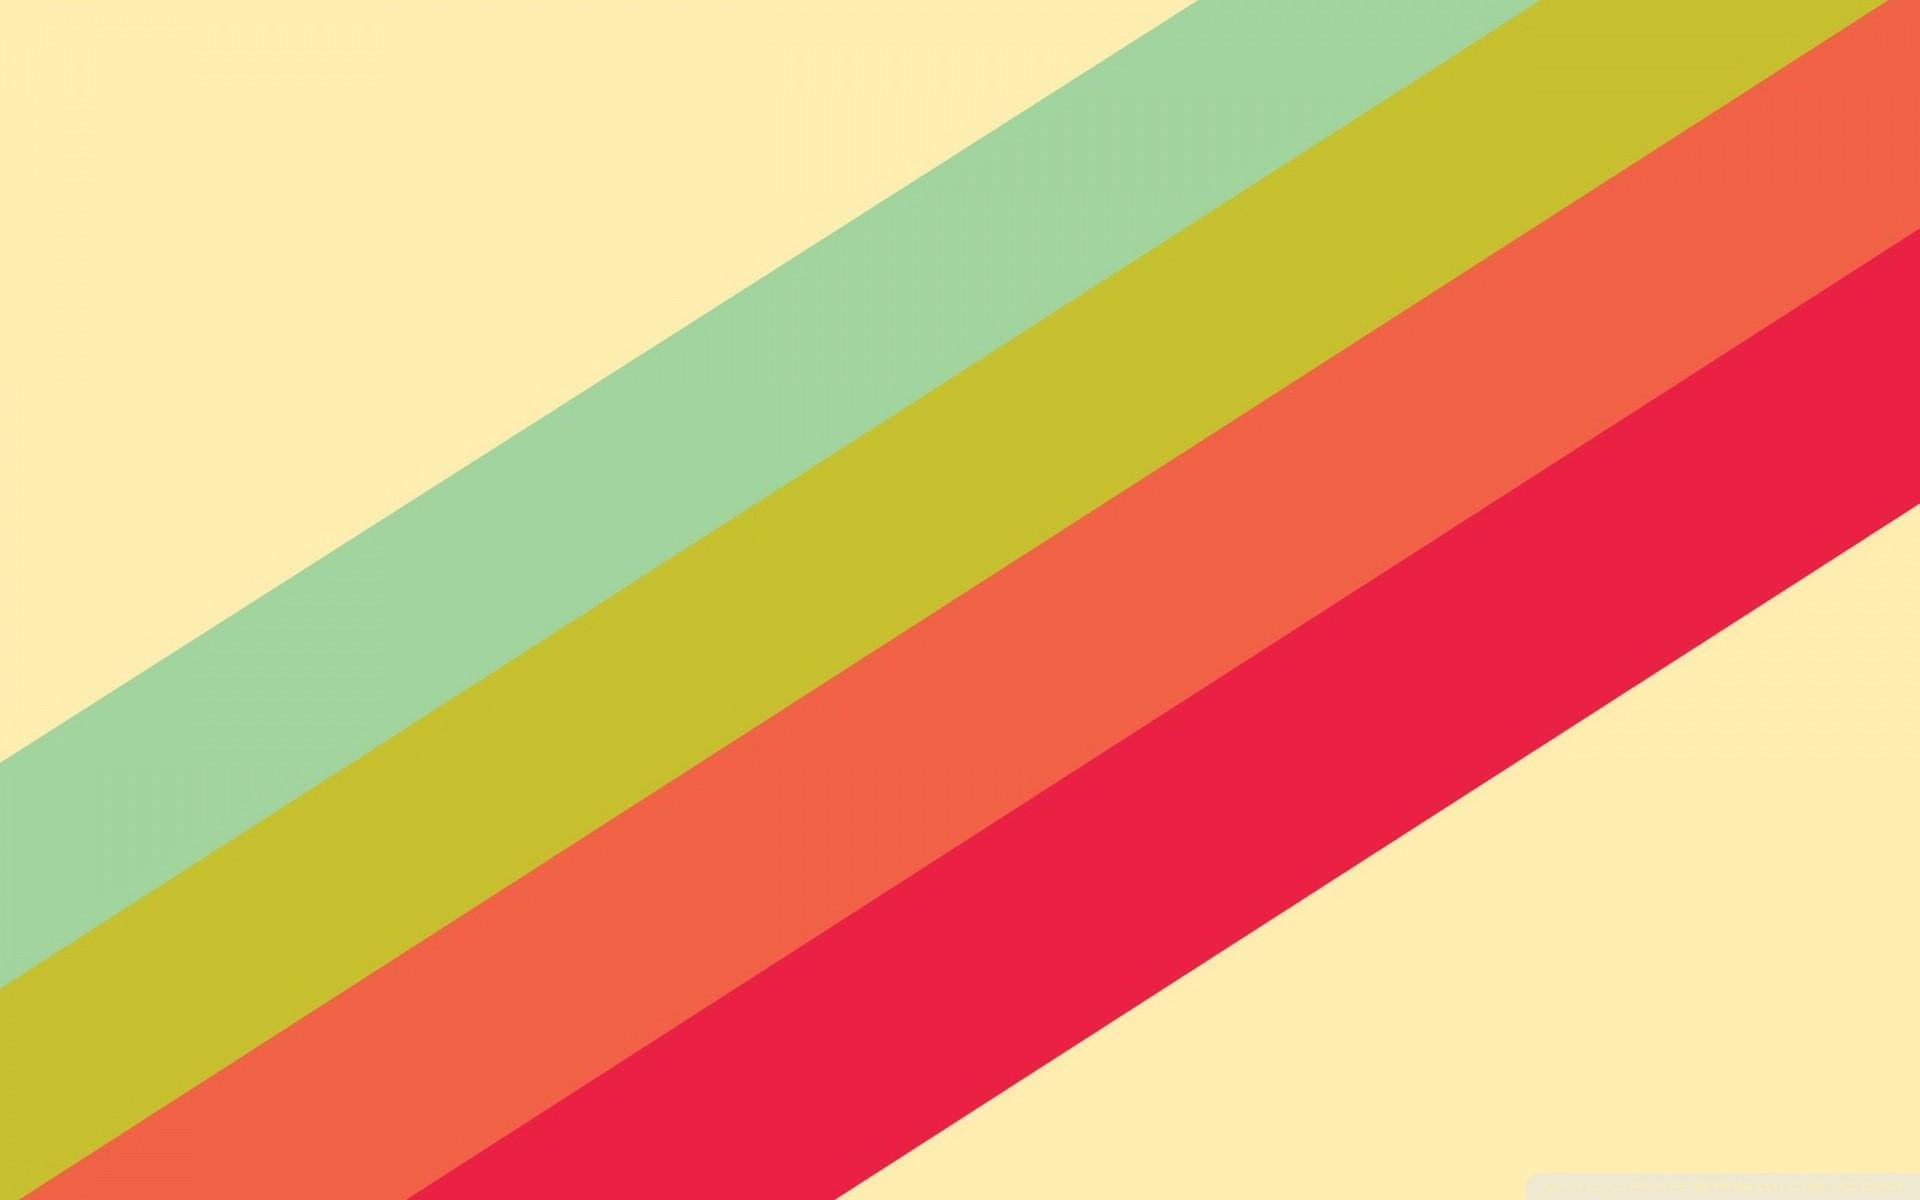 Retro Desktop Backgrounds (72+ Images